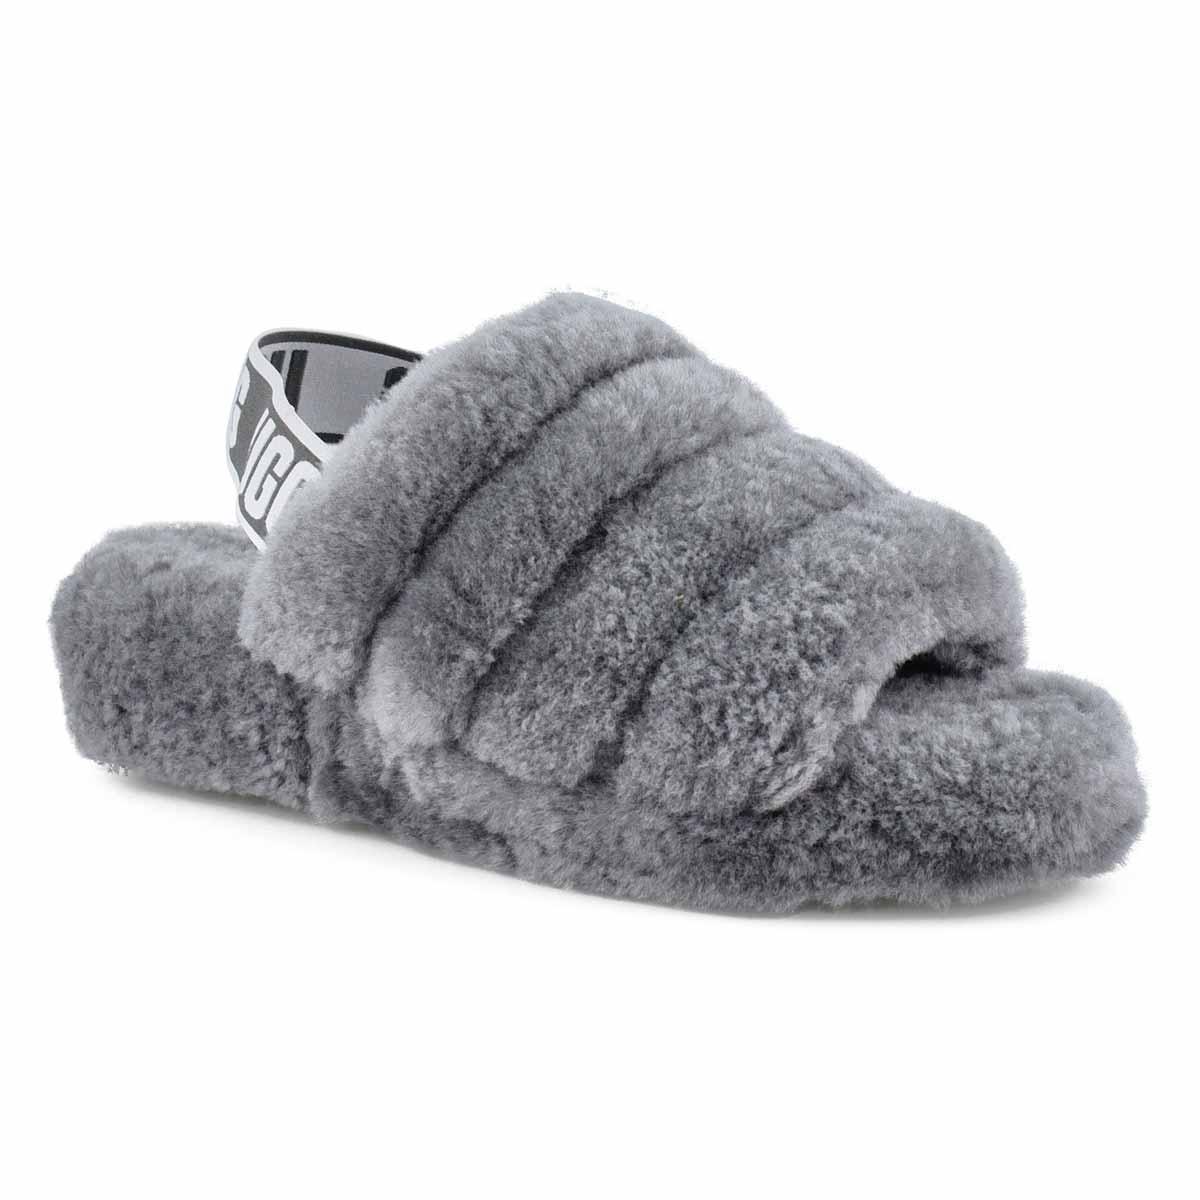 e8165c3ab79 Women's FLUFF YEAH charcoal sheepskin slippers